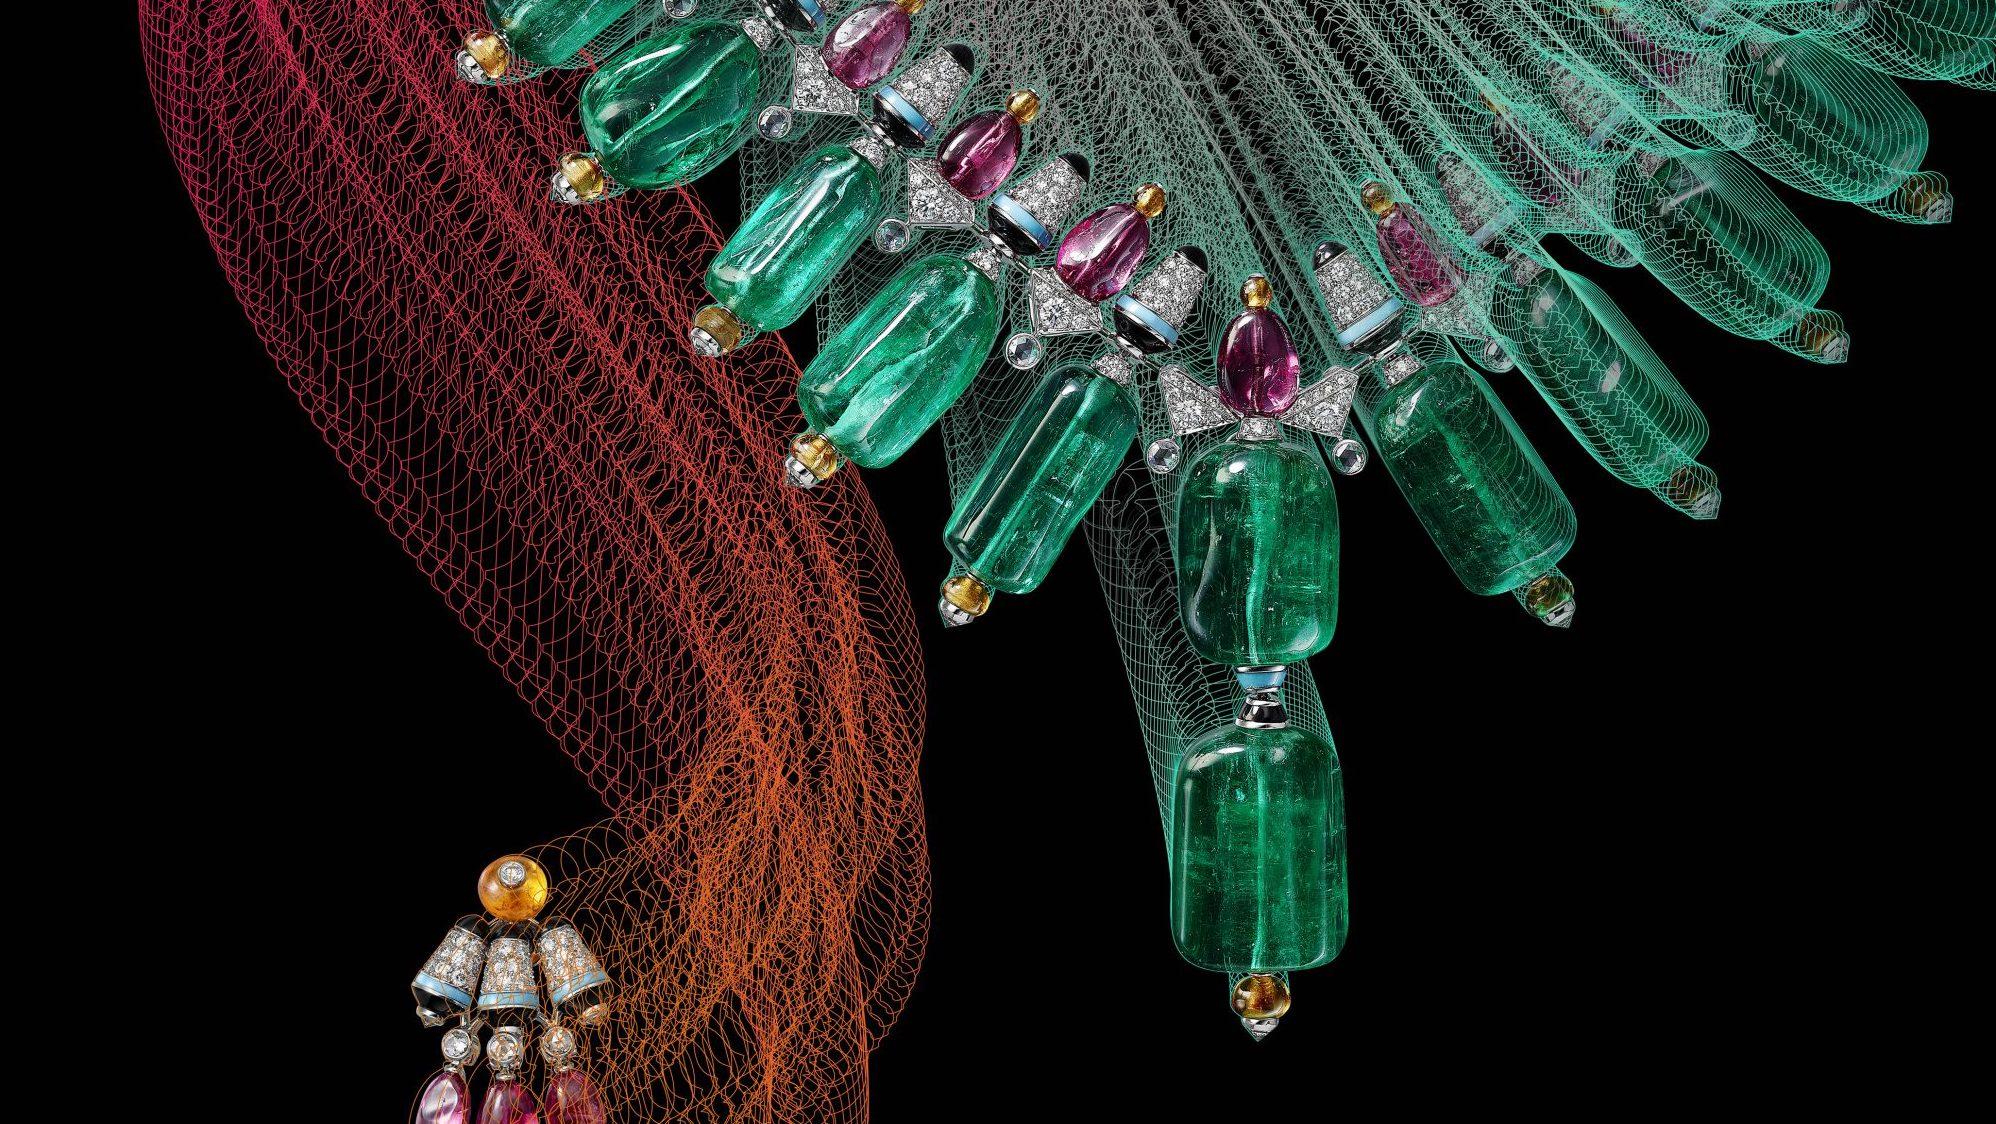 Cartier se reinventa con Coloratura, su nueva colección de joyas